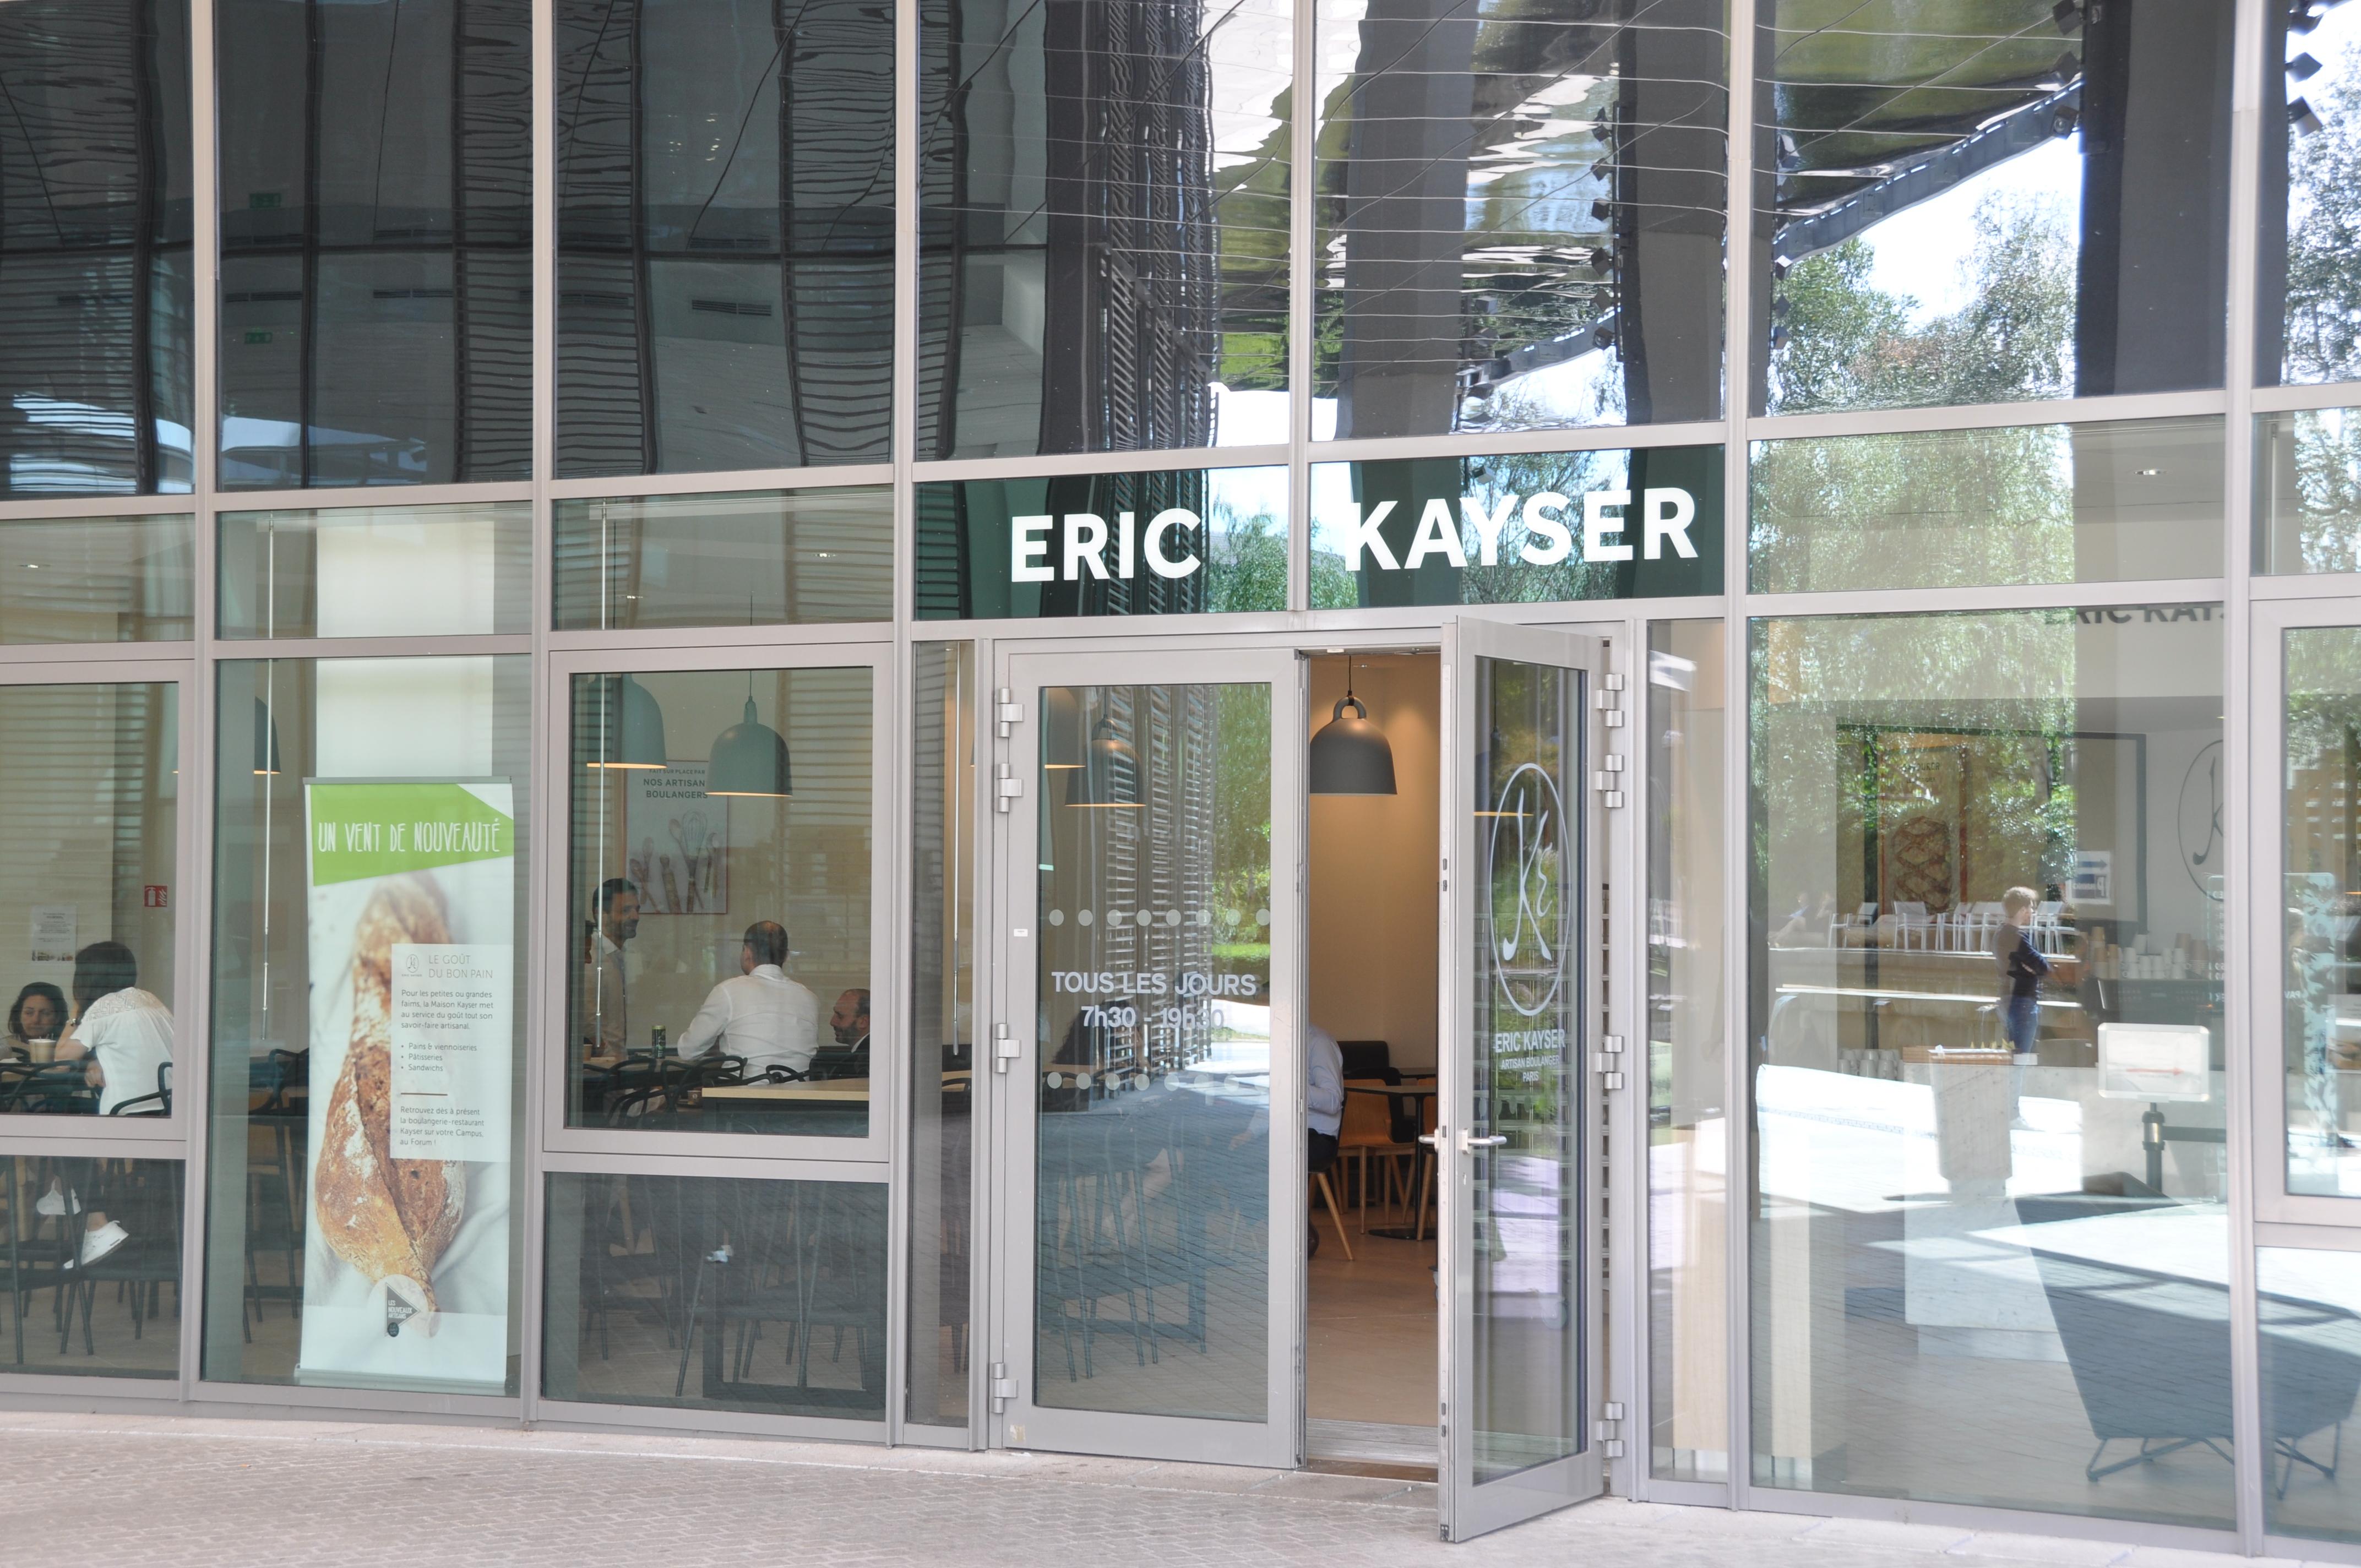 evergreen-boulangerie-eric-kayser